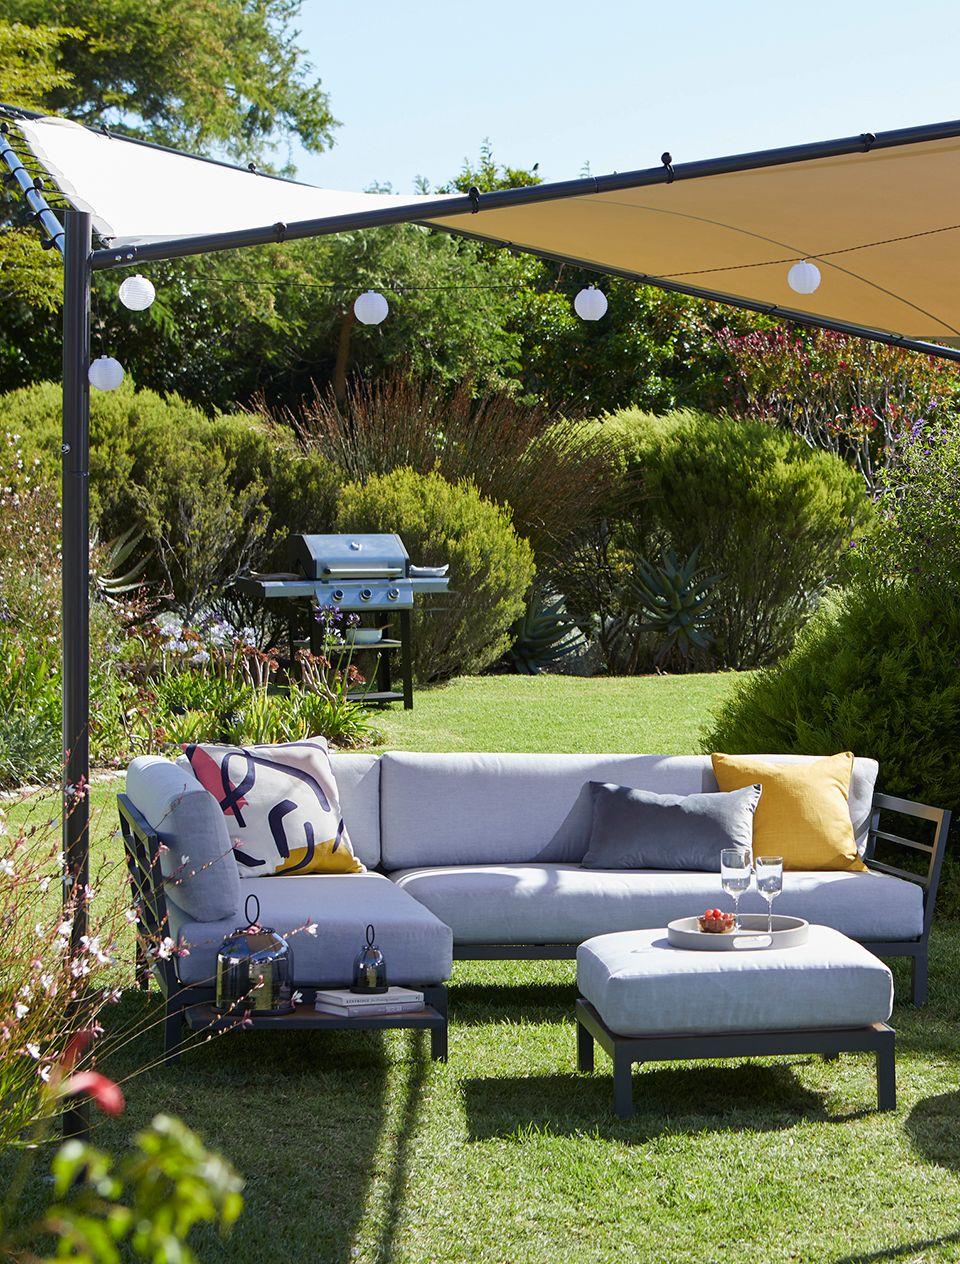 Sail in a garden with an outdoor sofa